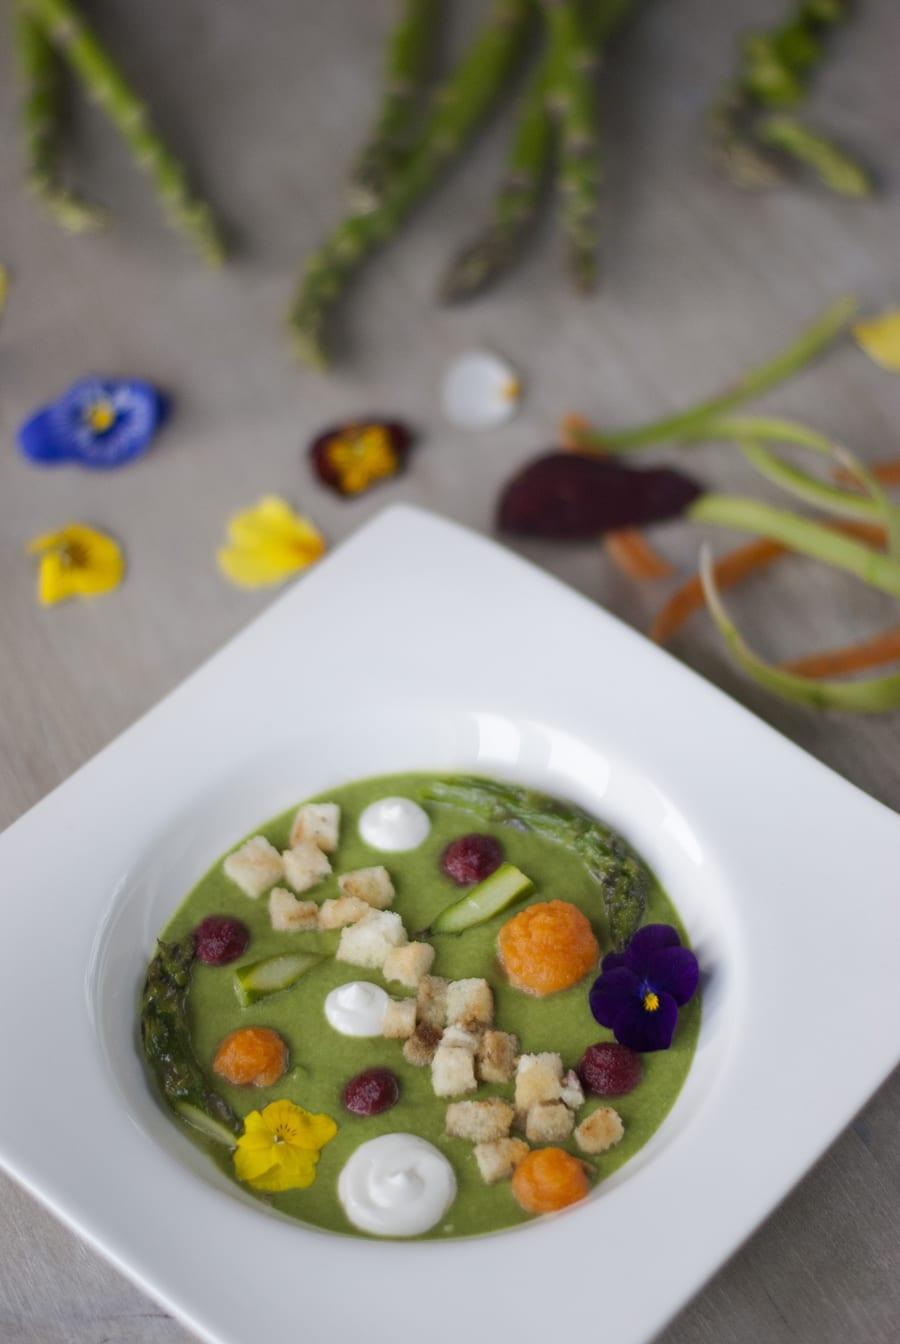 Vellutata di asparagi e spinaci con crema al caprino, arricchita da fiori eduli